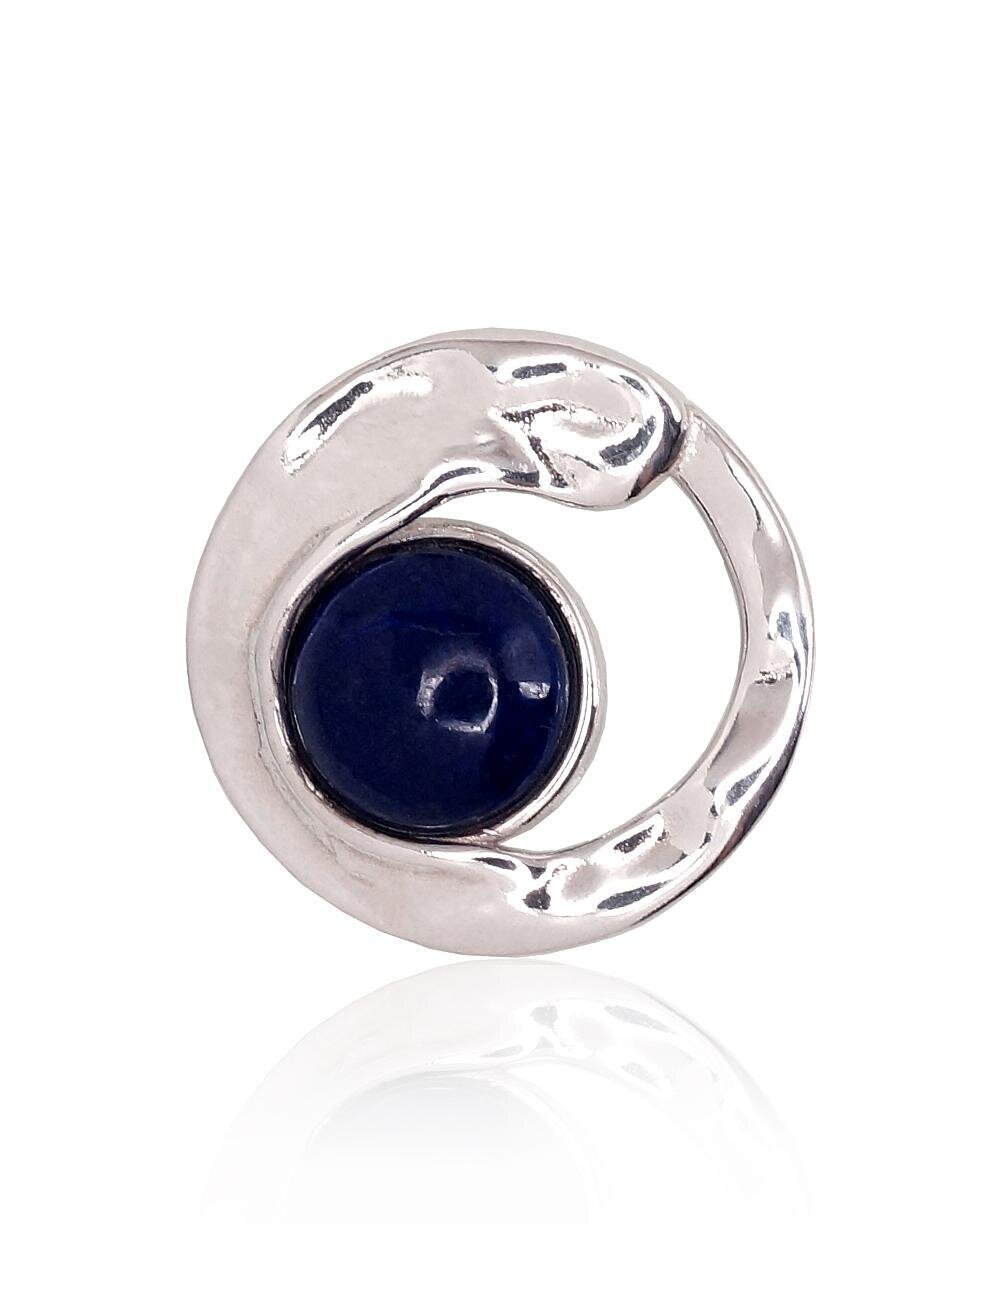 Sidabrinis moteriškas žiedas Modelis ADUM#2301759(PRh-Gr)_LZ